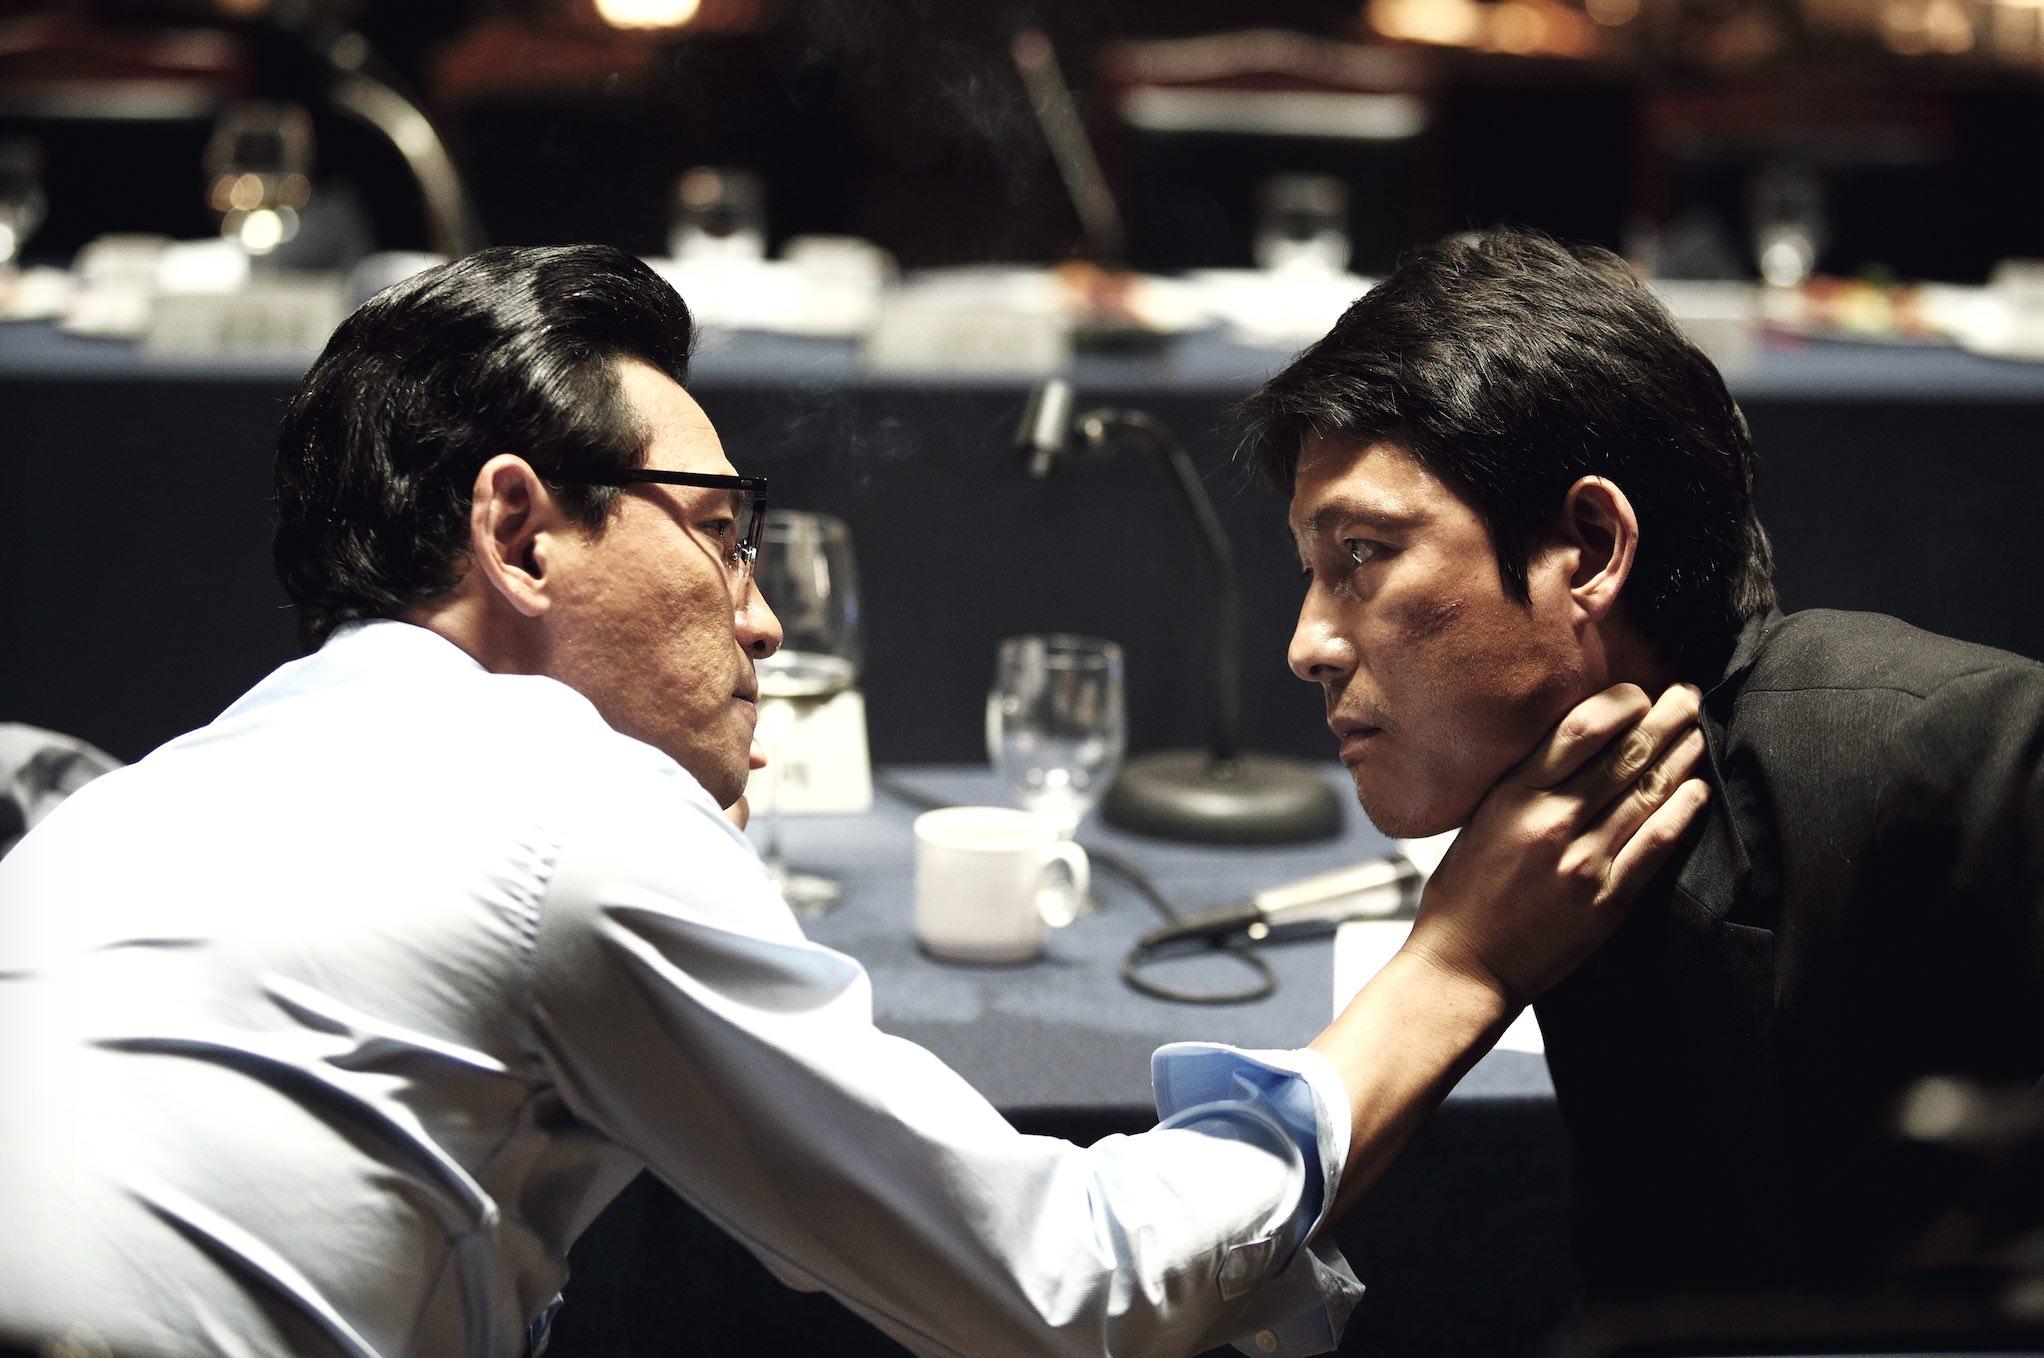 """La star Jung Woo-sung protagonista della terza giornata del 17/mo Florence Korea Film Fest con il noir """"Asura: the city of madness"""""""